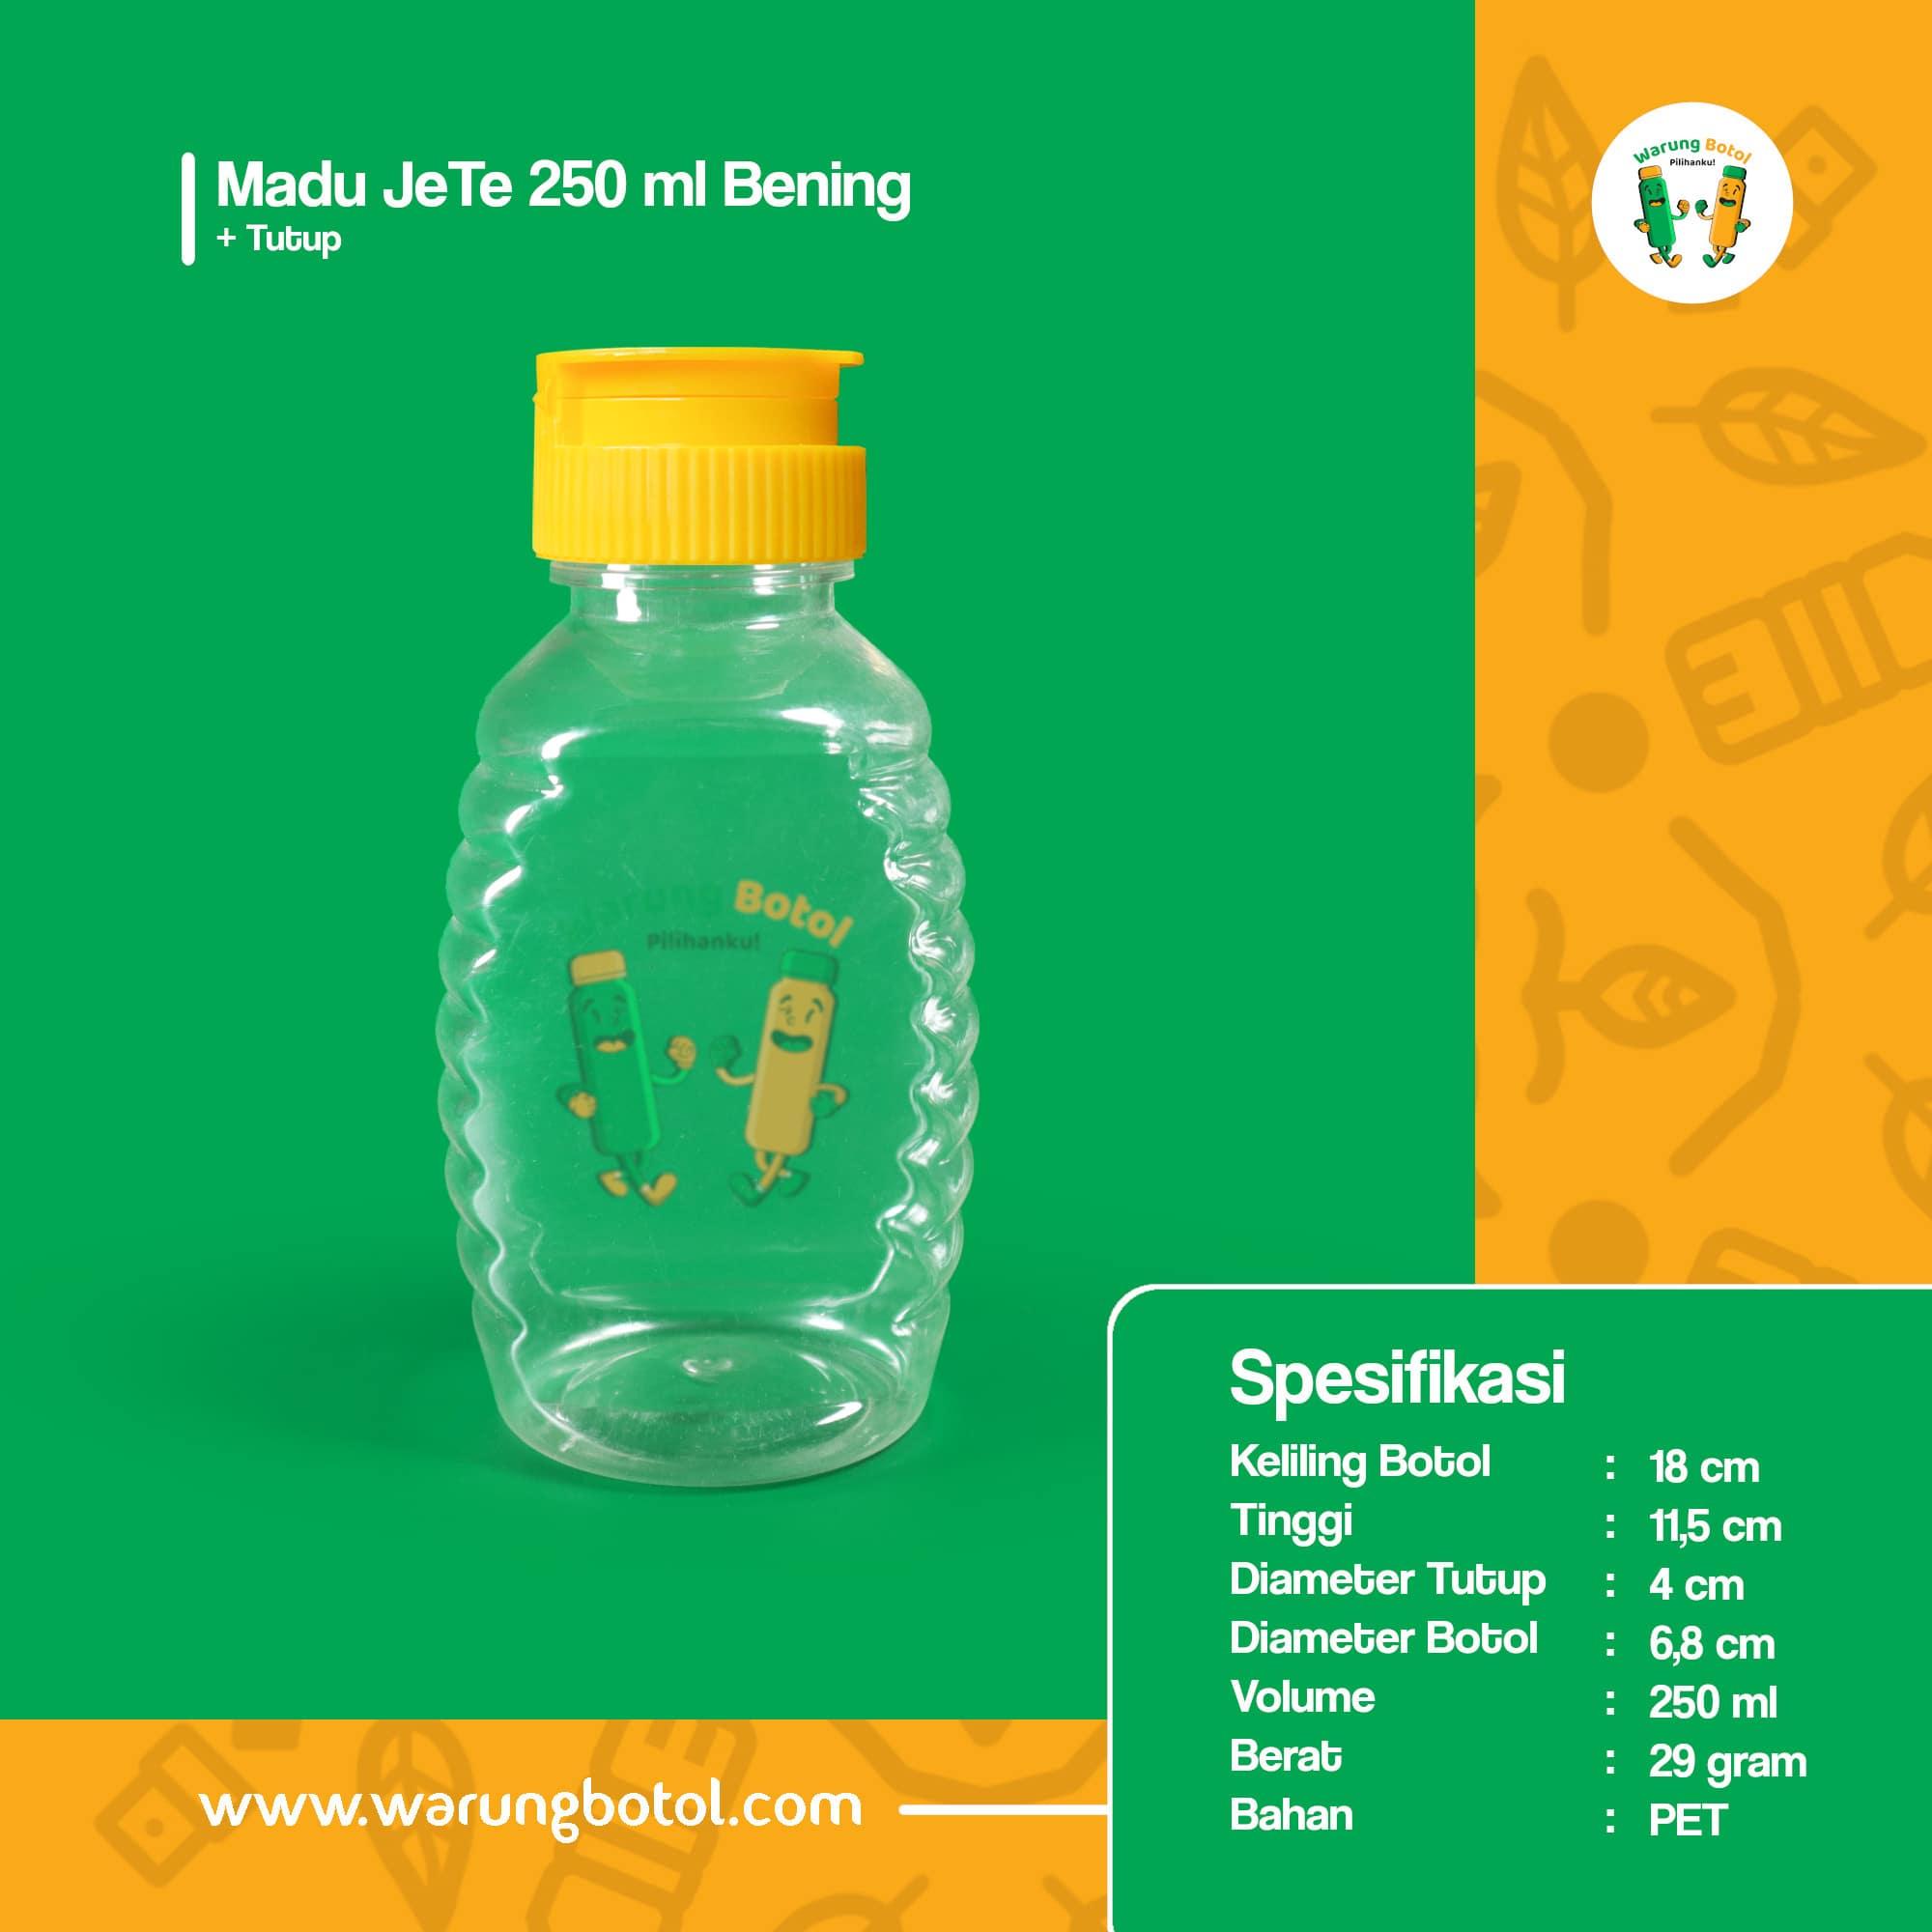 distributor toko jual botol plastik untuk madu tj 250ml murah, kemasan aman untuk madu terdekat di bandung jakarta bekasi bogor